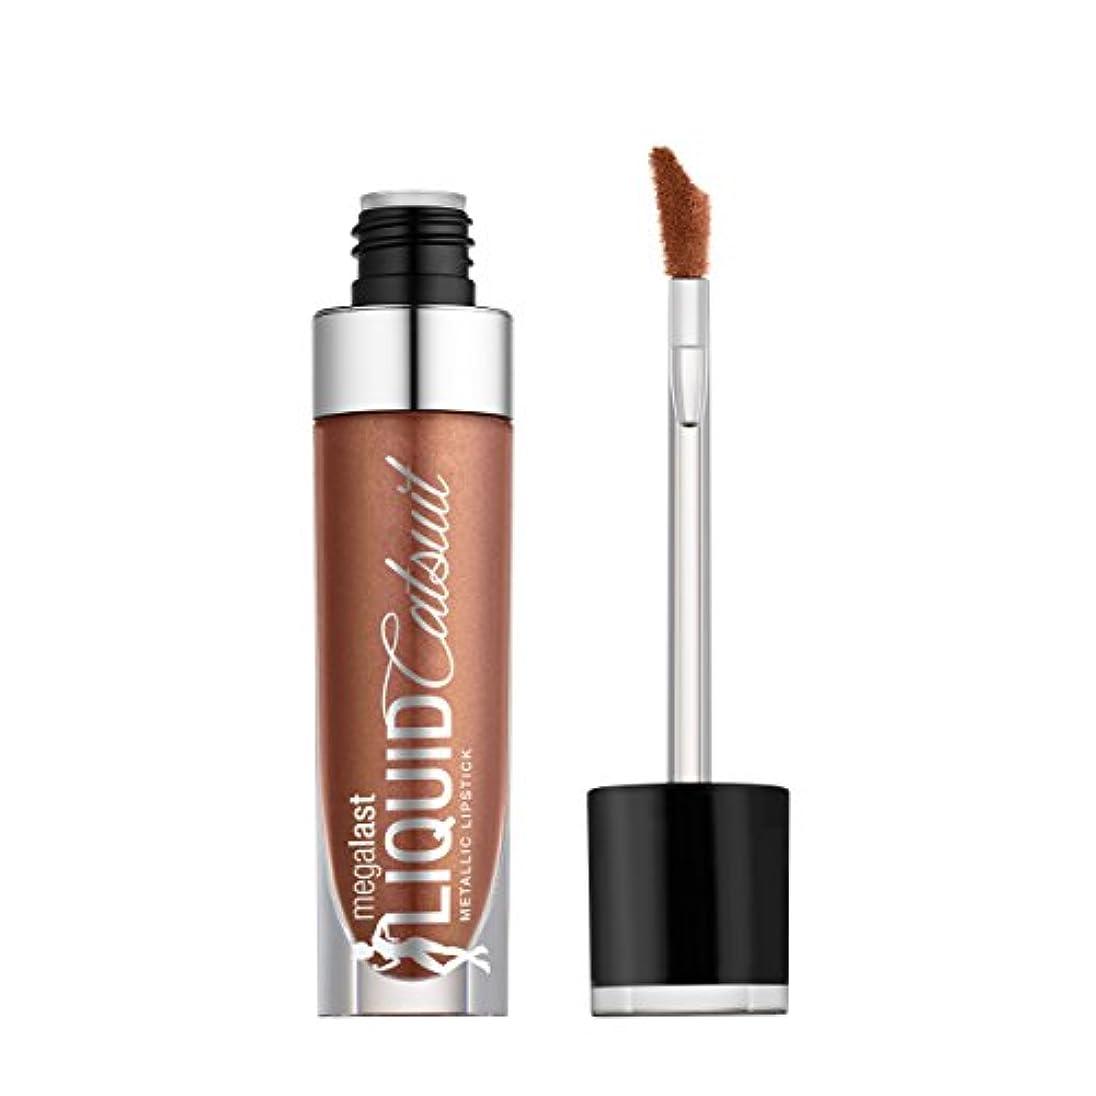 代わりにを立てる標準愛WET N WILD Megalast Liquid Catsuit Metallic Lipstick - Satin Sheets (並行輸入品)